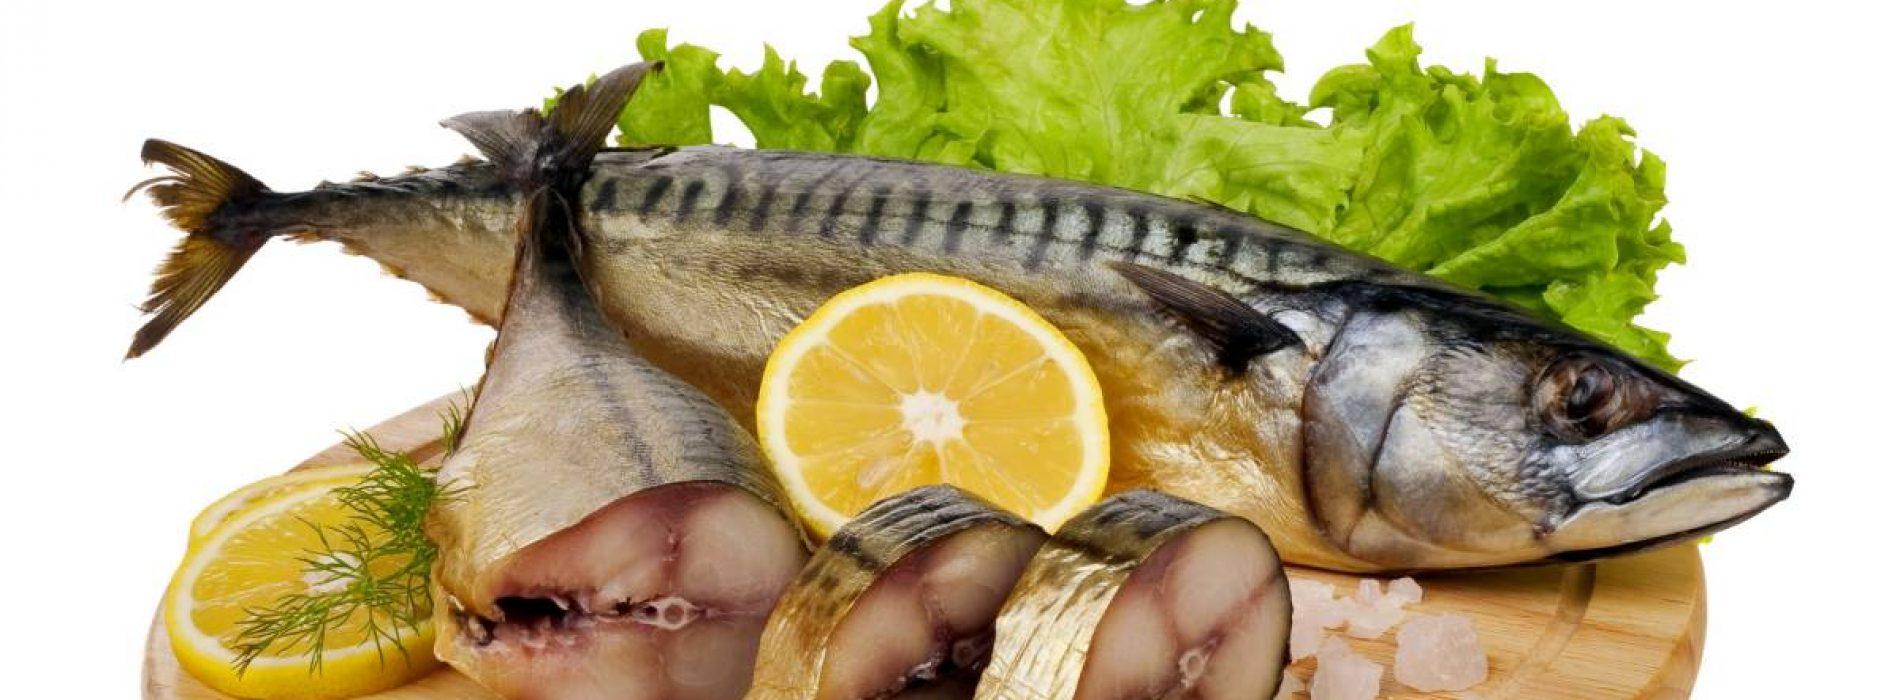 7 soorten vis die u nooit zou moeten eten